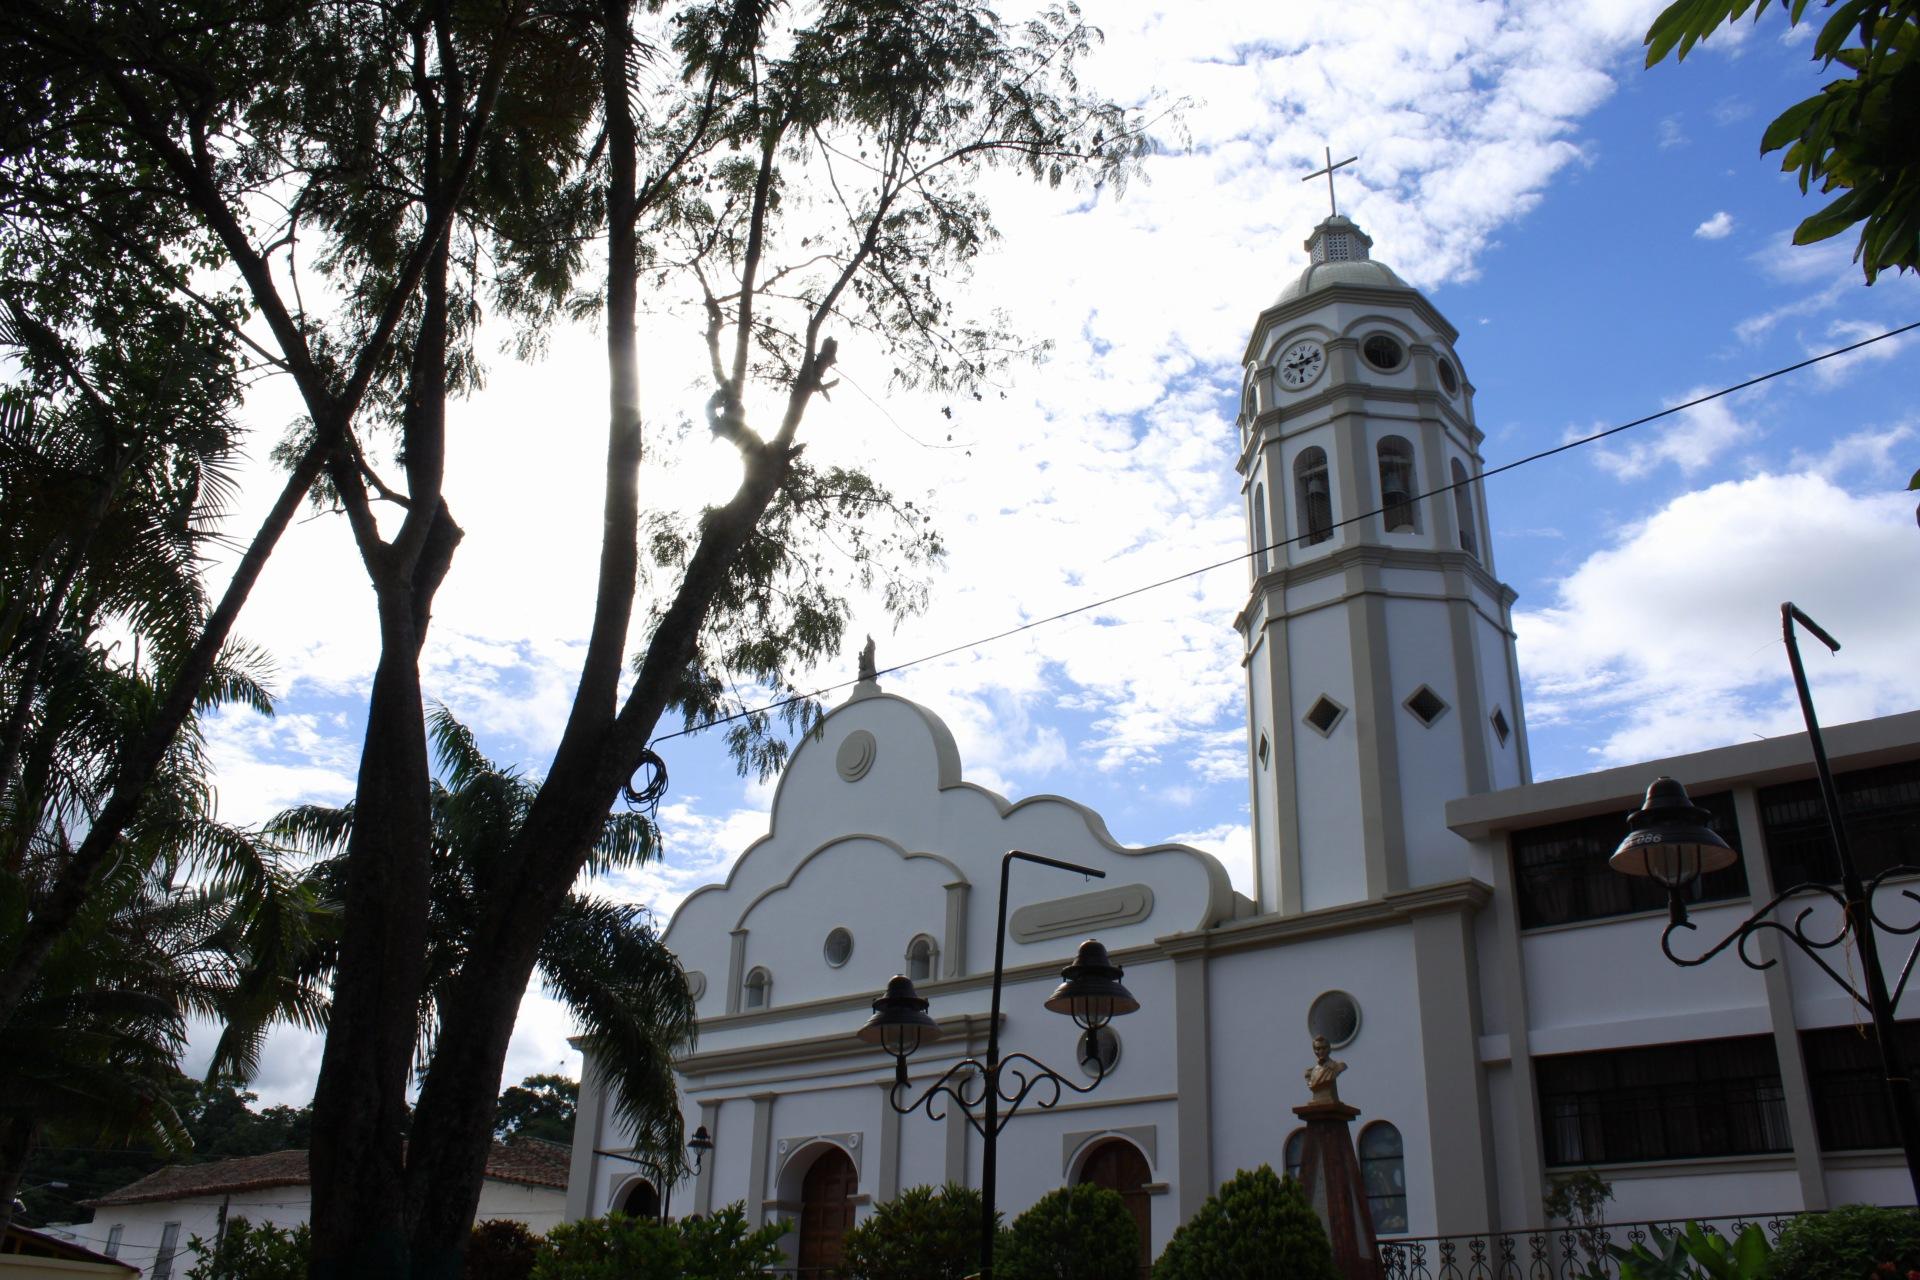 Foto: Equipo Radio Nacional de Colombia Convención